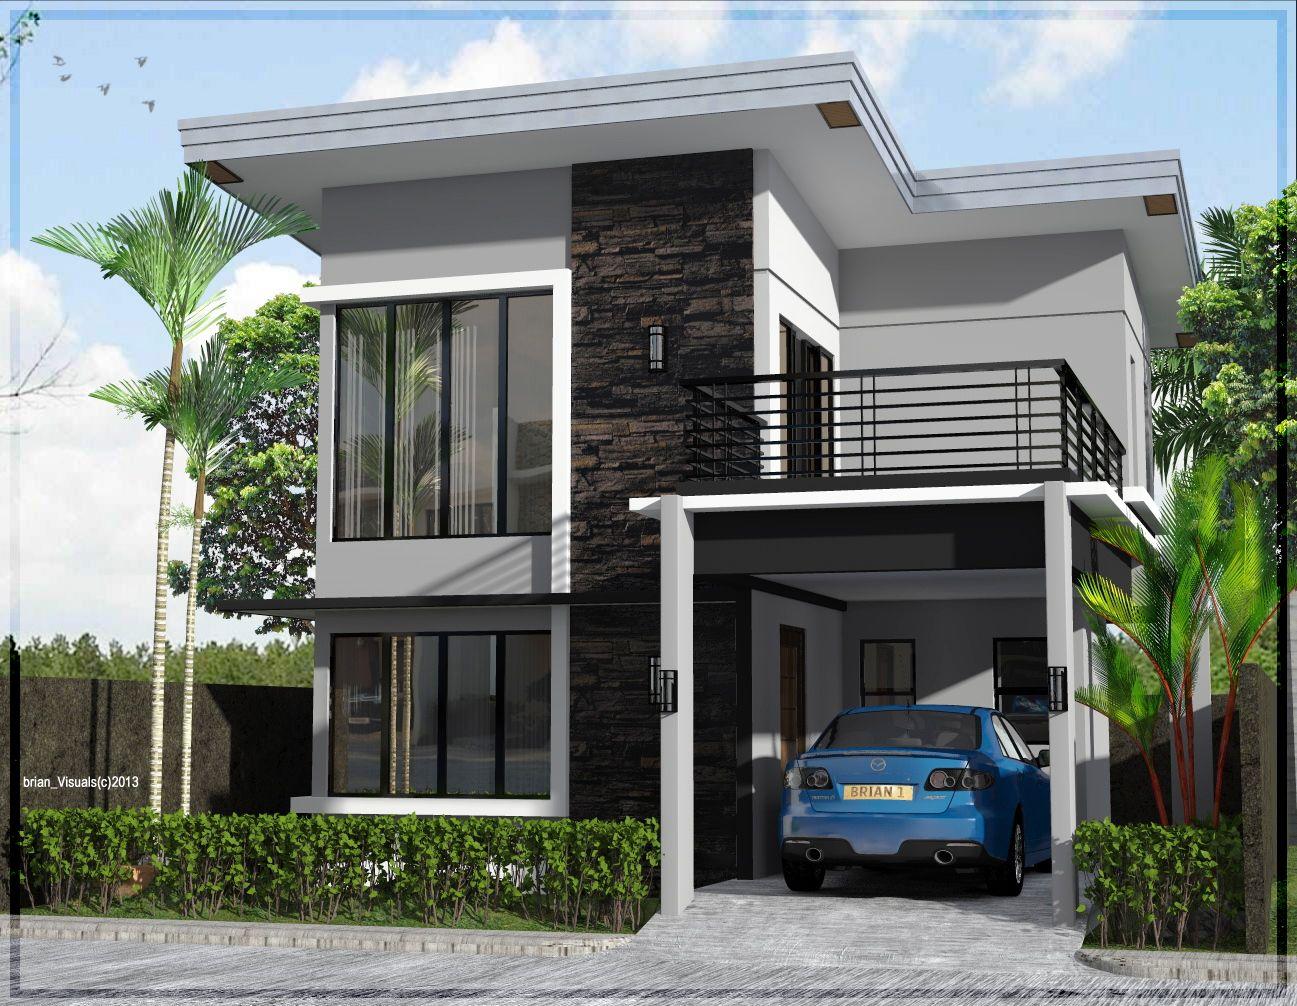 maison contemporaine avec terrasse - Recherche Google ...